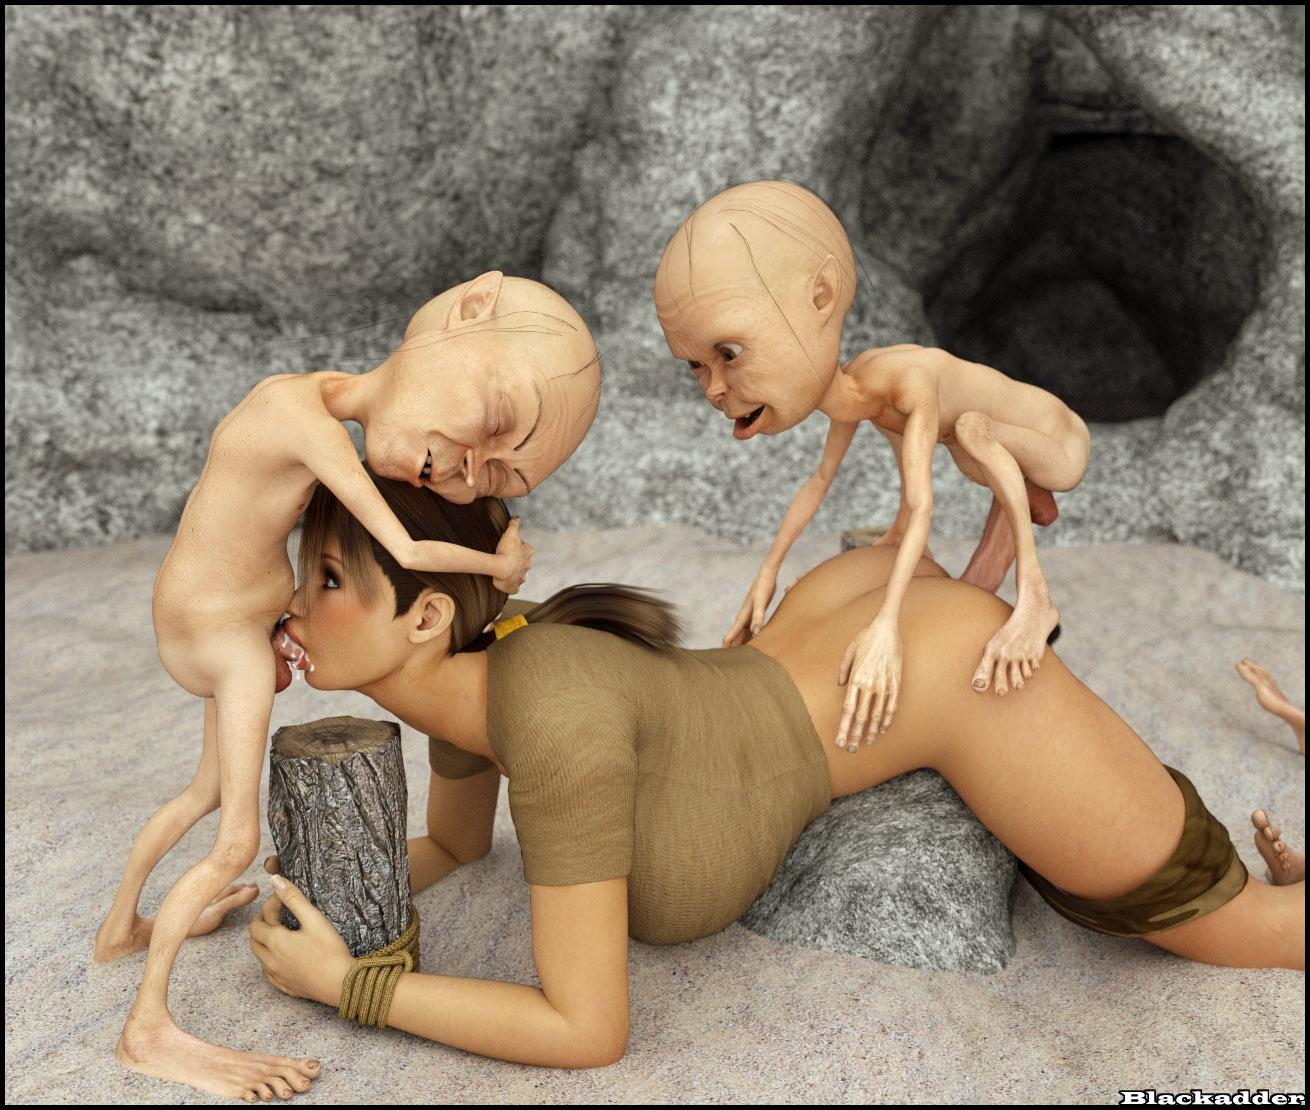 Monster high girls naked